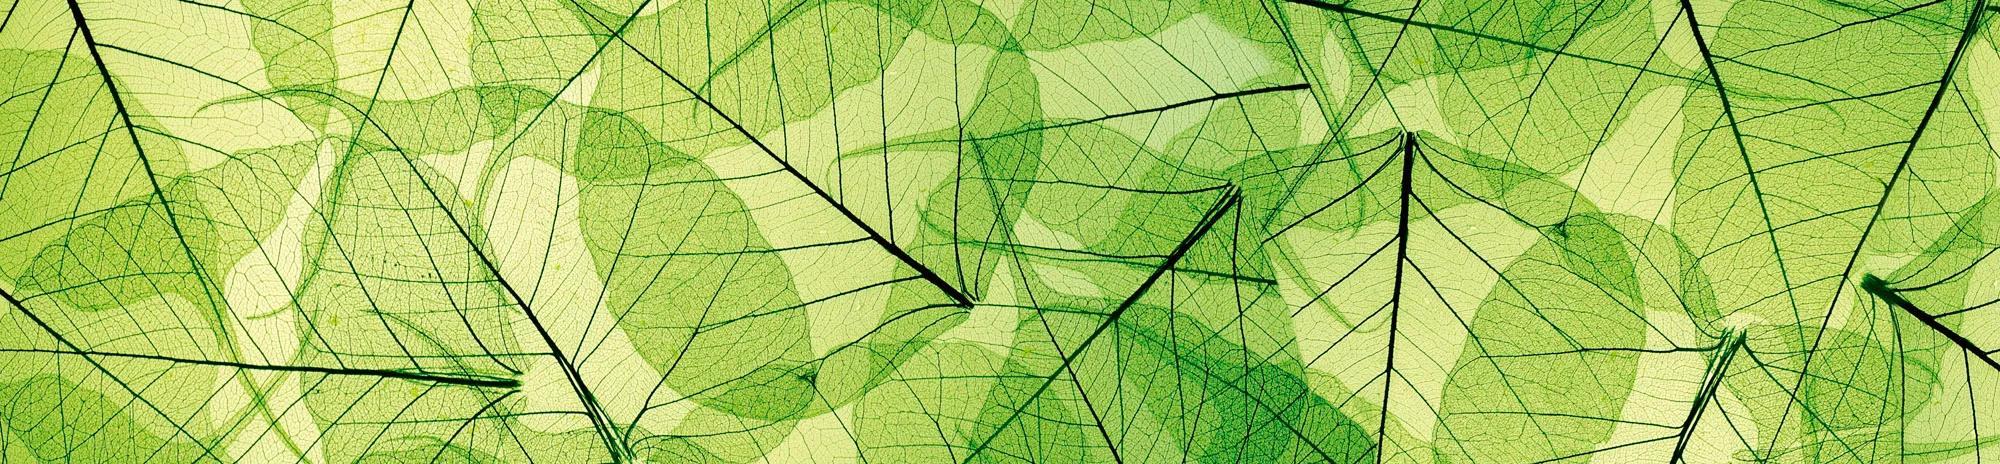 Konyhai öntapadós fólia zöld levél mintával